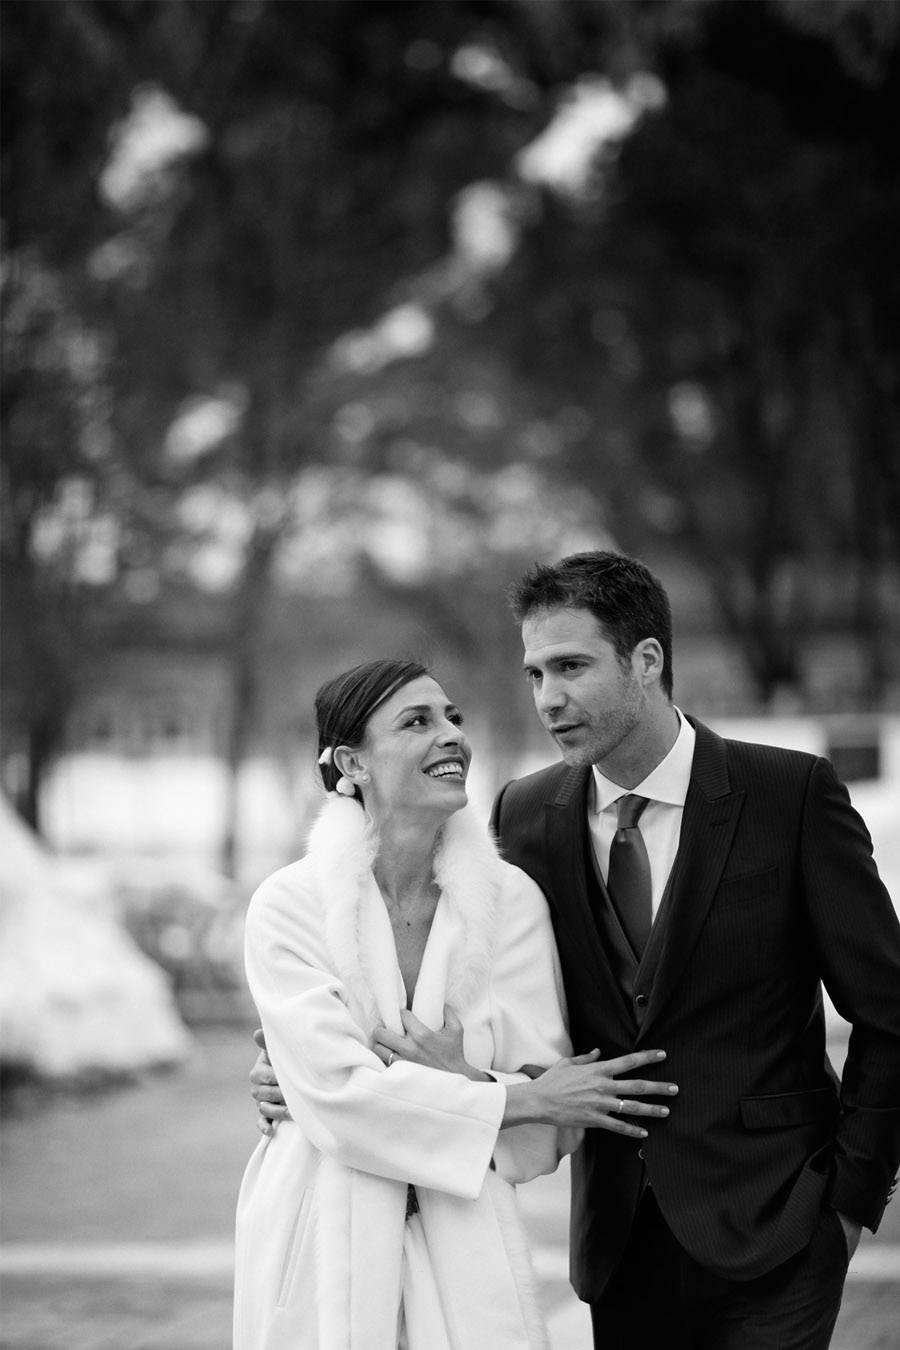 ELENA & CARLOS: BODA EN LA NIEVE elena_y_carlos_11_900x1350